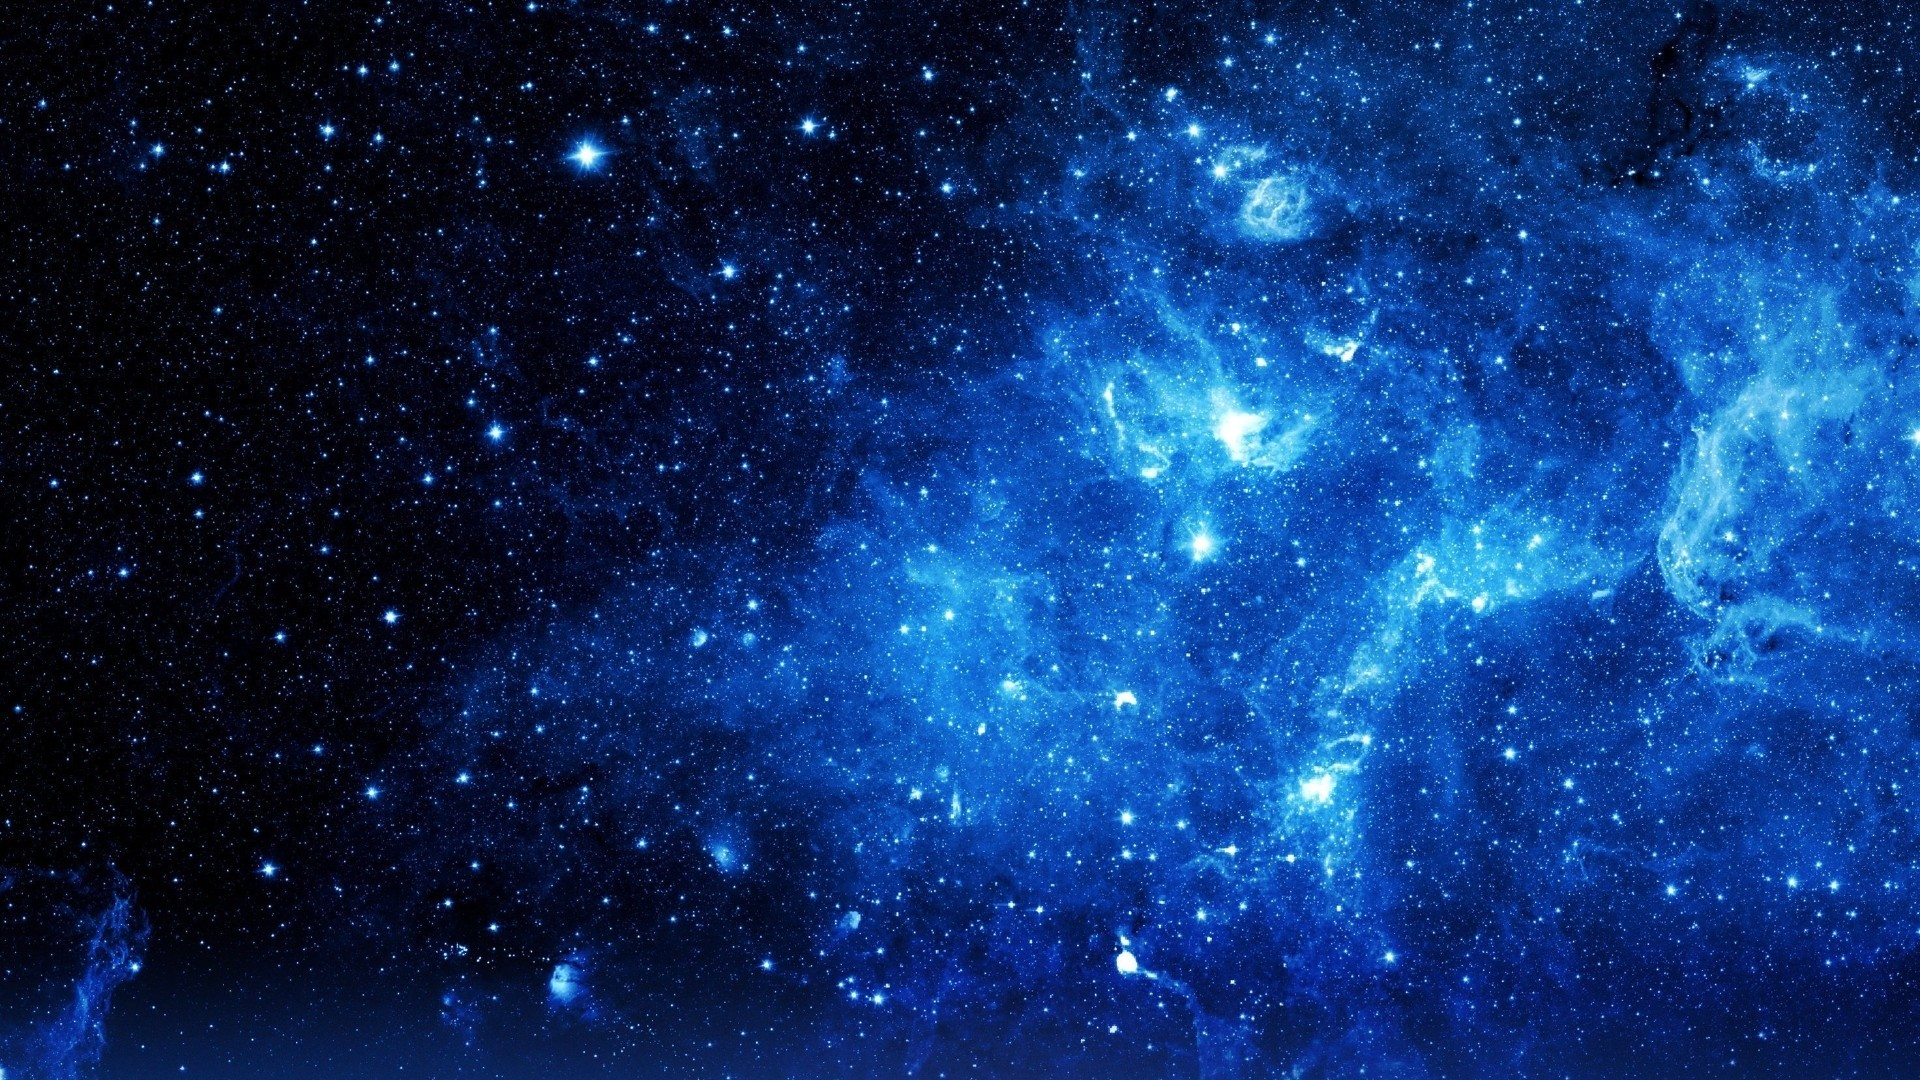 Celestial Wallpaper for pc